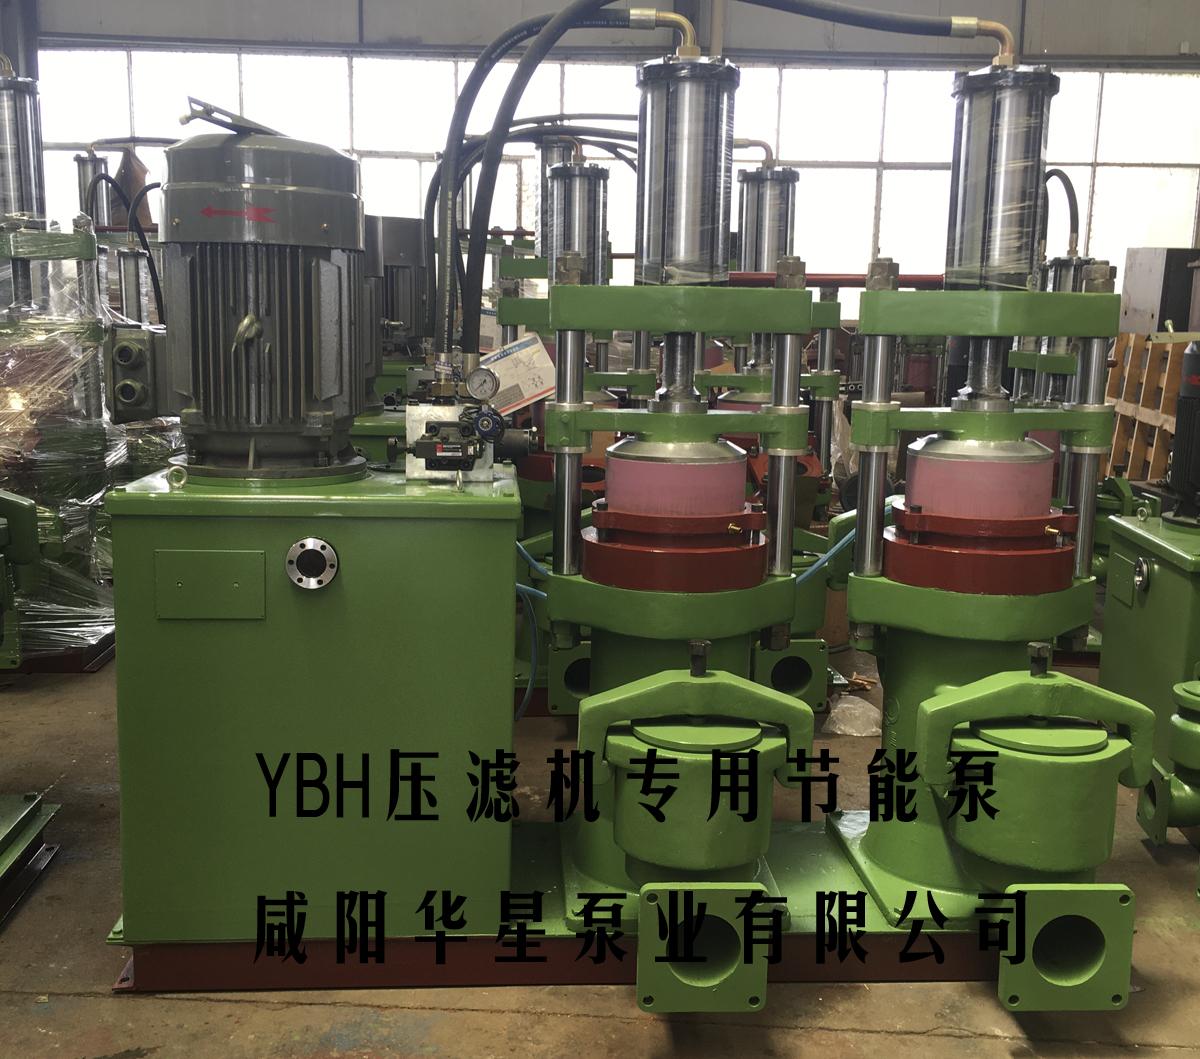 YBH300-40柱塞泥浆泵